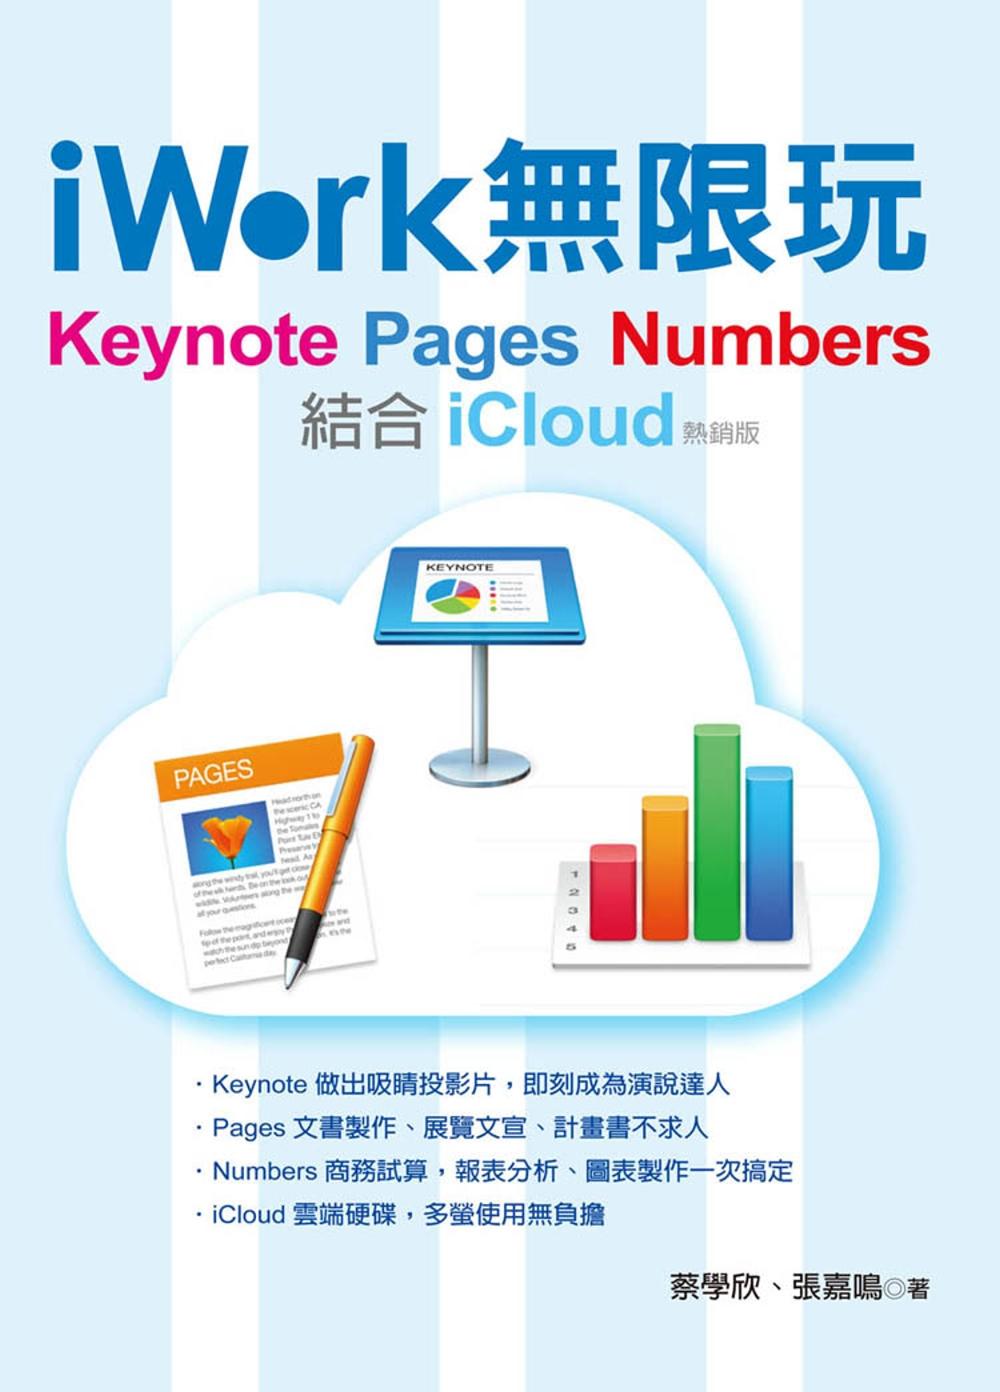 iWork 無限玩 ~ Keynote、Pages、Numbers結合iCloud^( 版